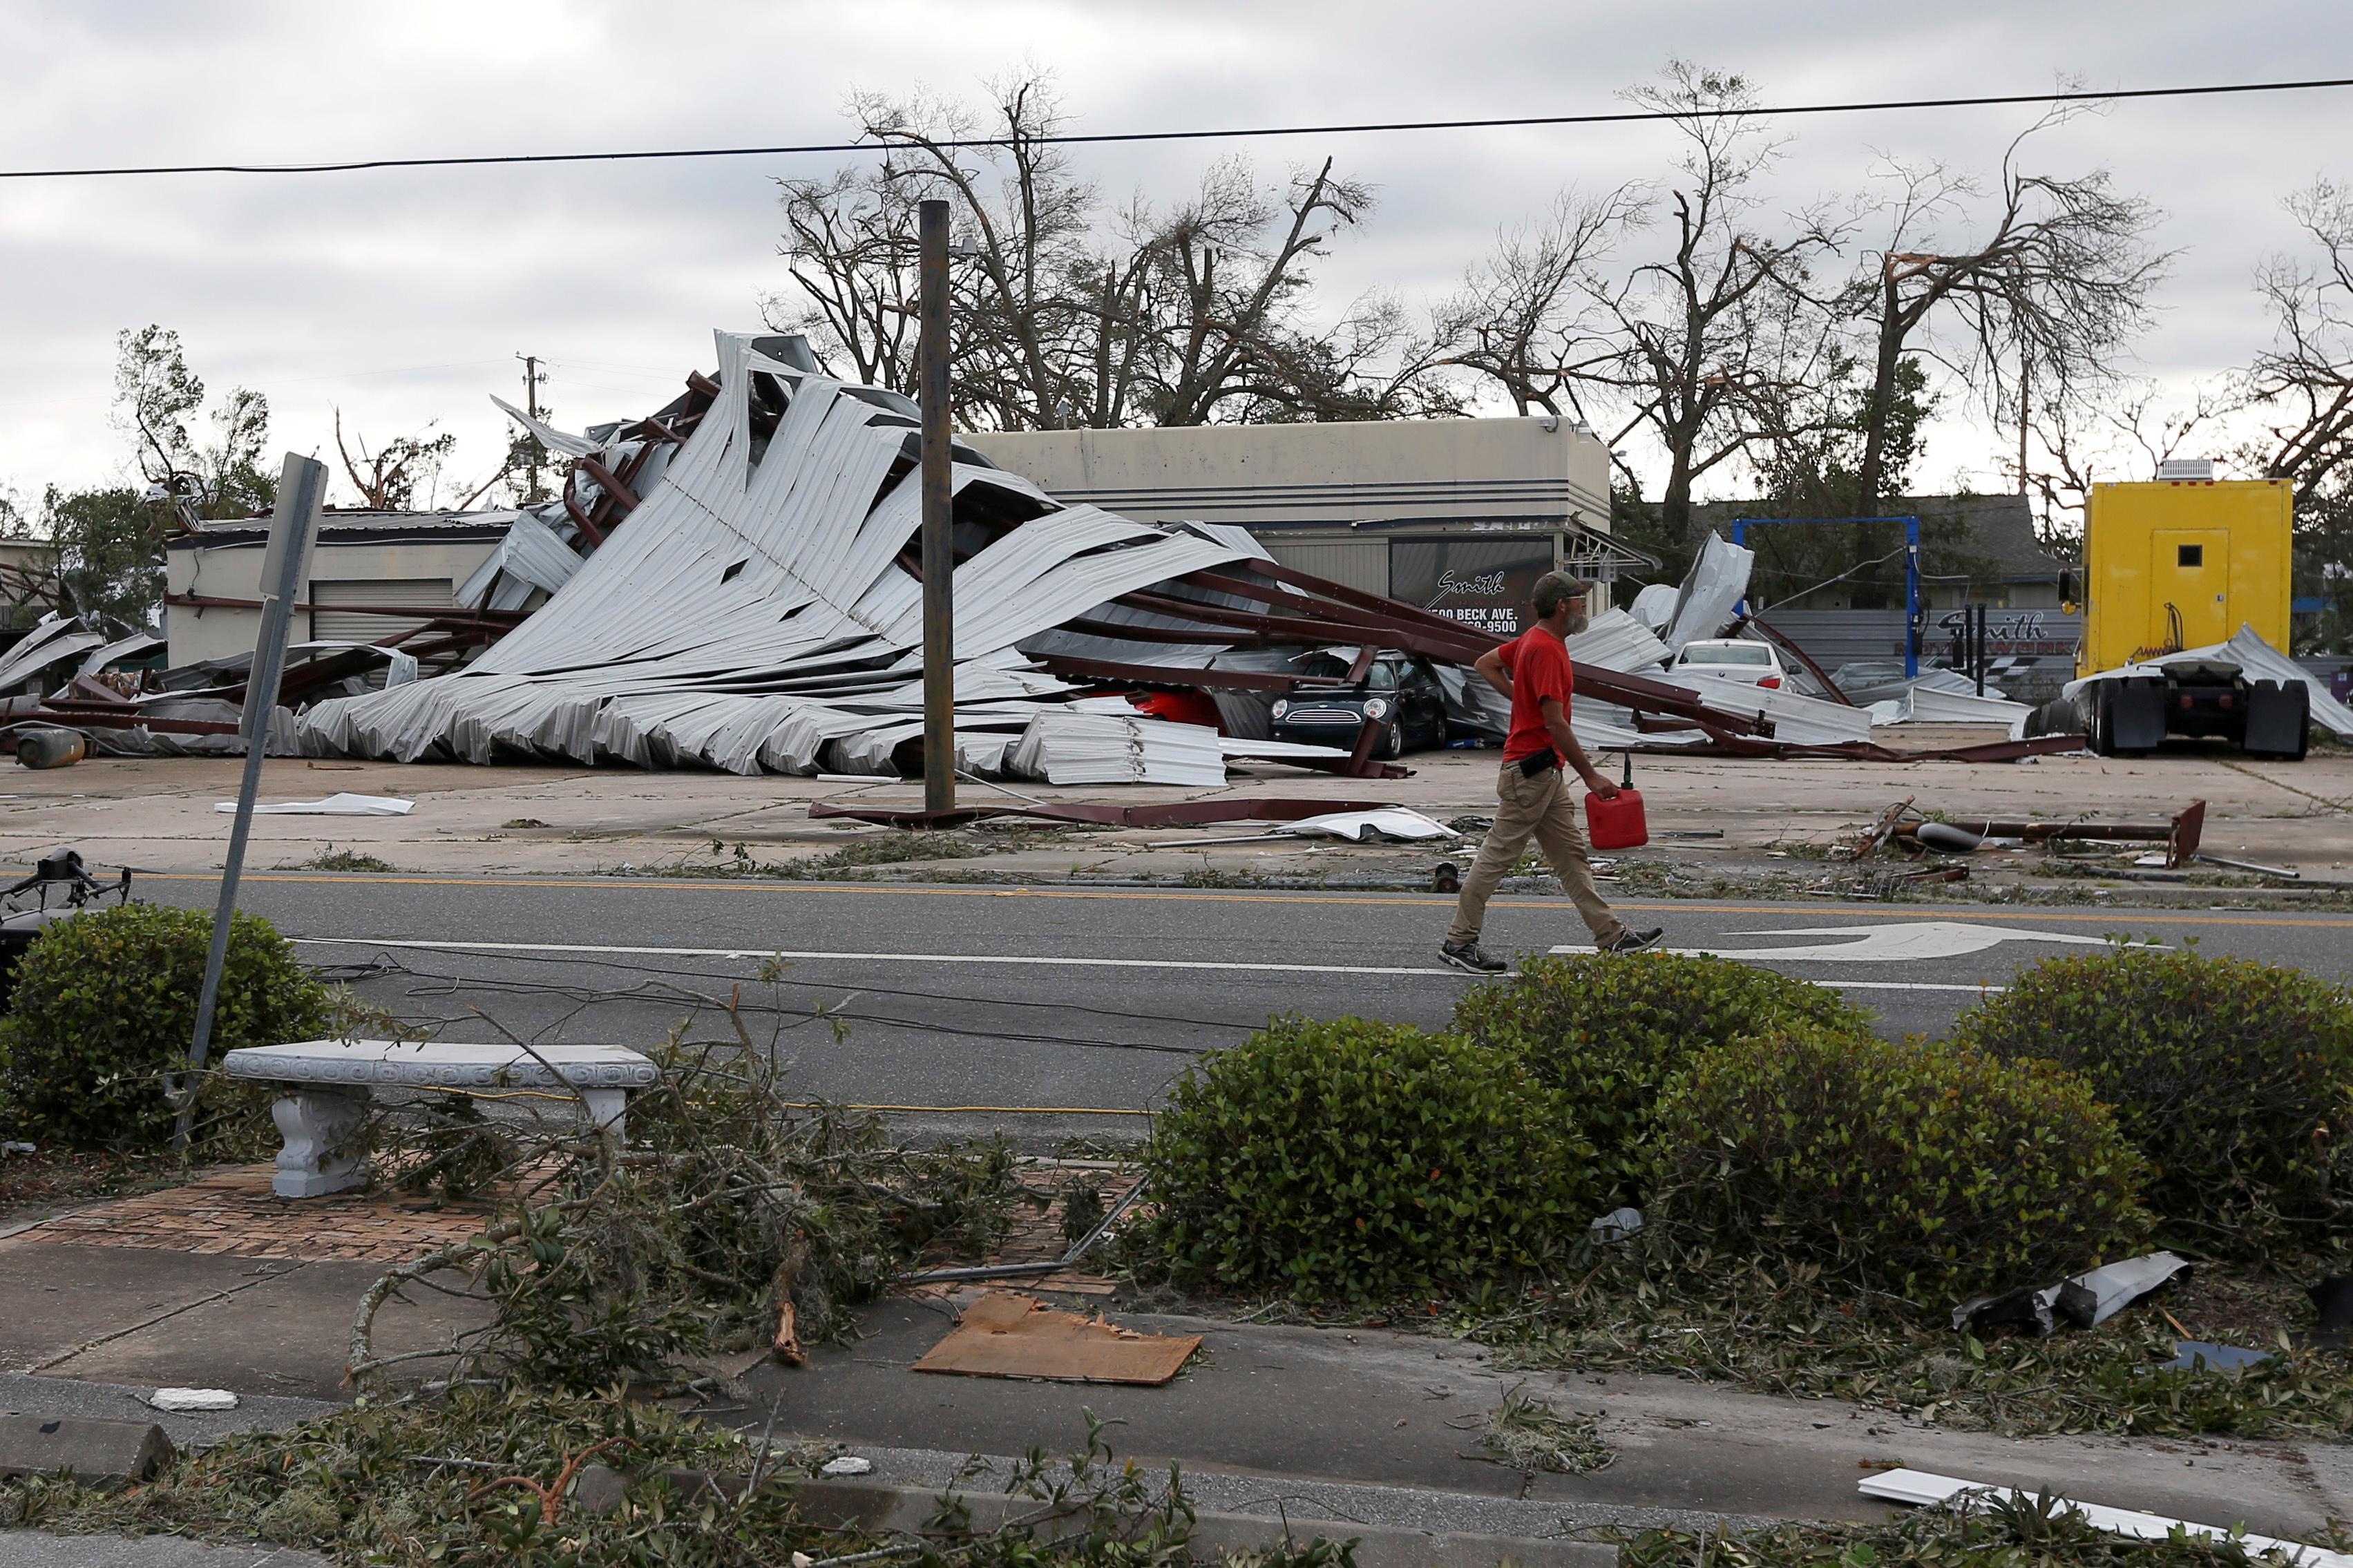 episcopalians assess damage from hurricane michael's destructive